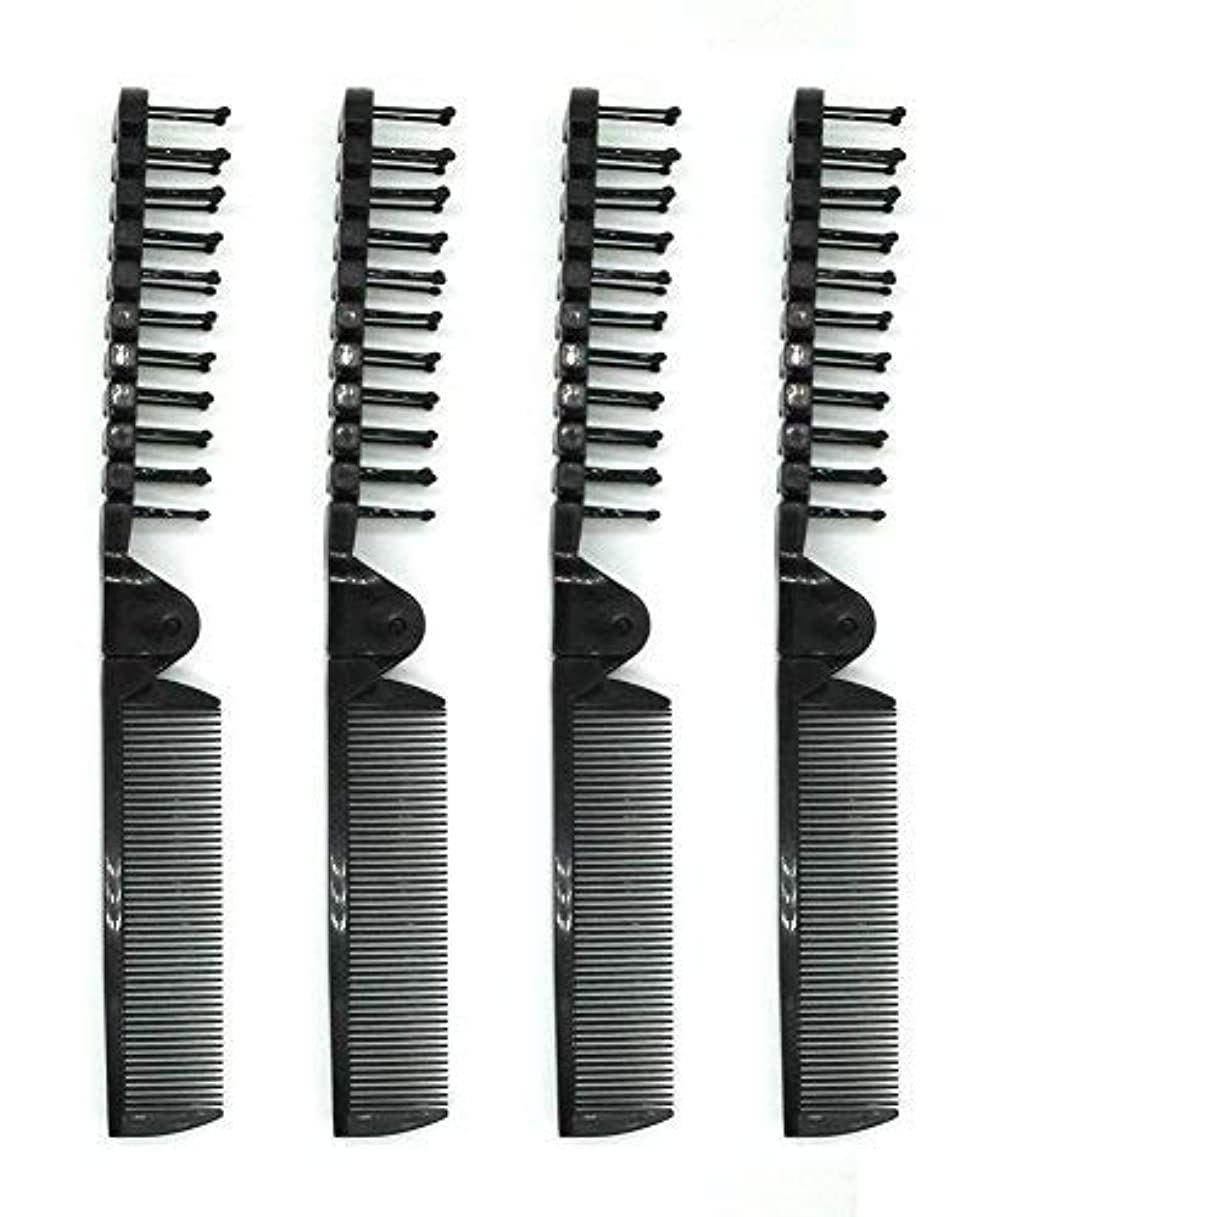 割れ目クスコデッキPUTYSUUN Portable Travel Comb Brush Combo Folding, Antistatic (Black) Pack of 4 [並行輸入品]